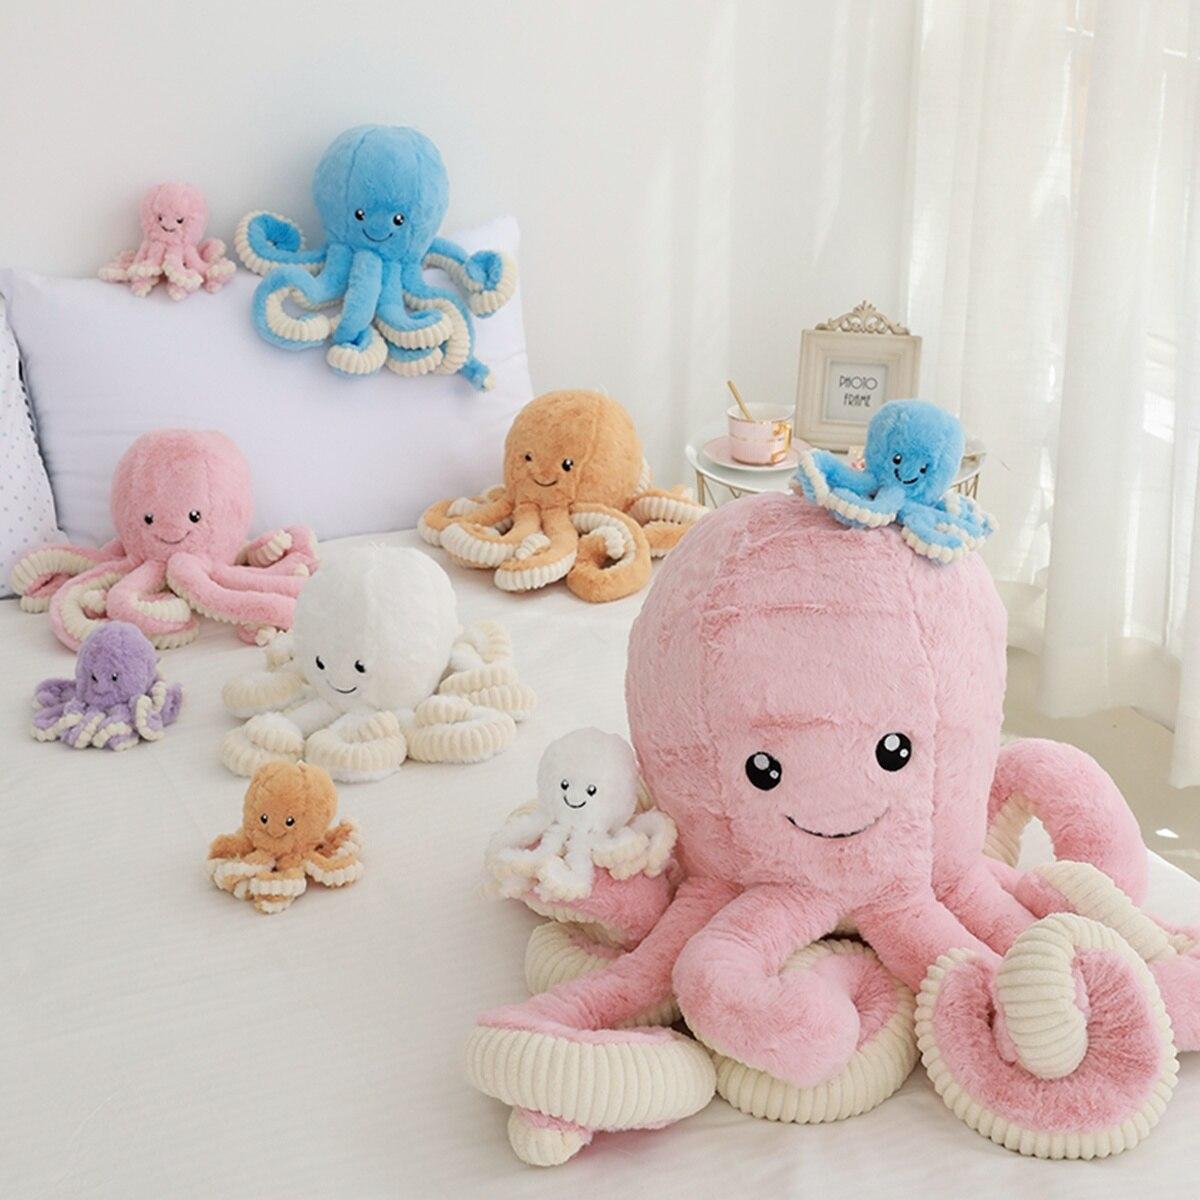 Creative Kawaii Octopus Plush Pillow Octopus Whale Dolls